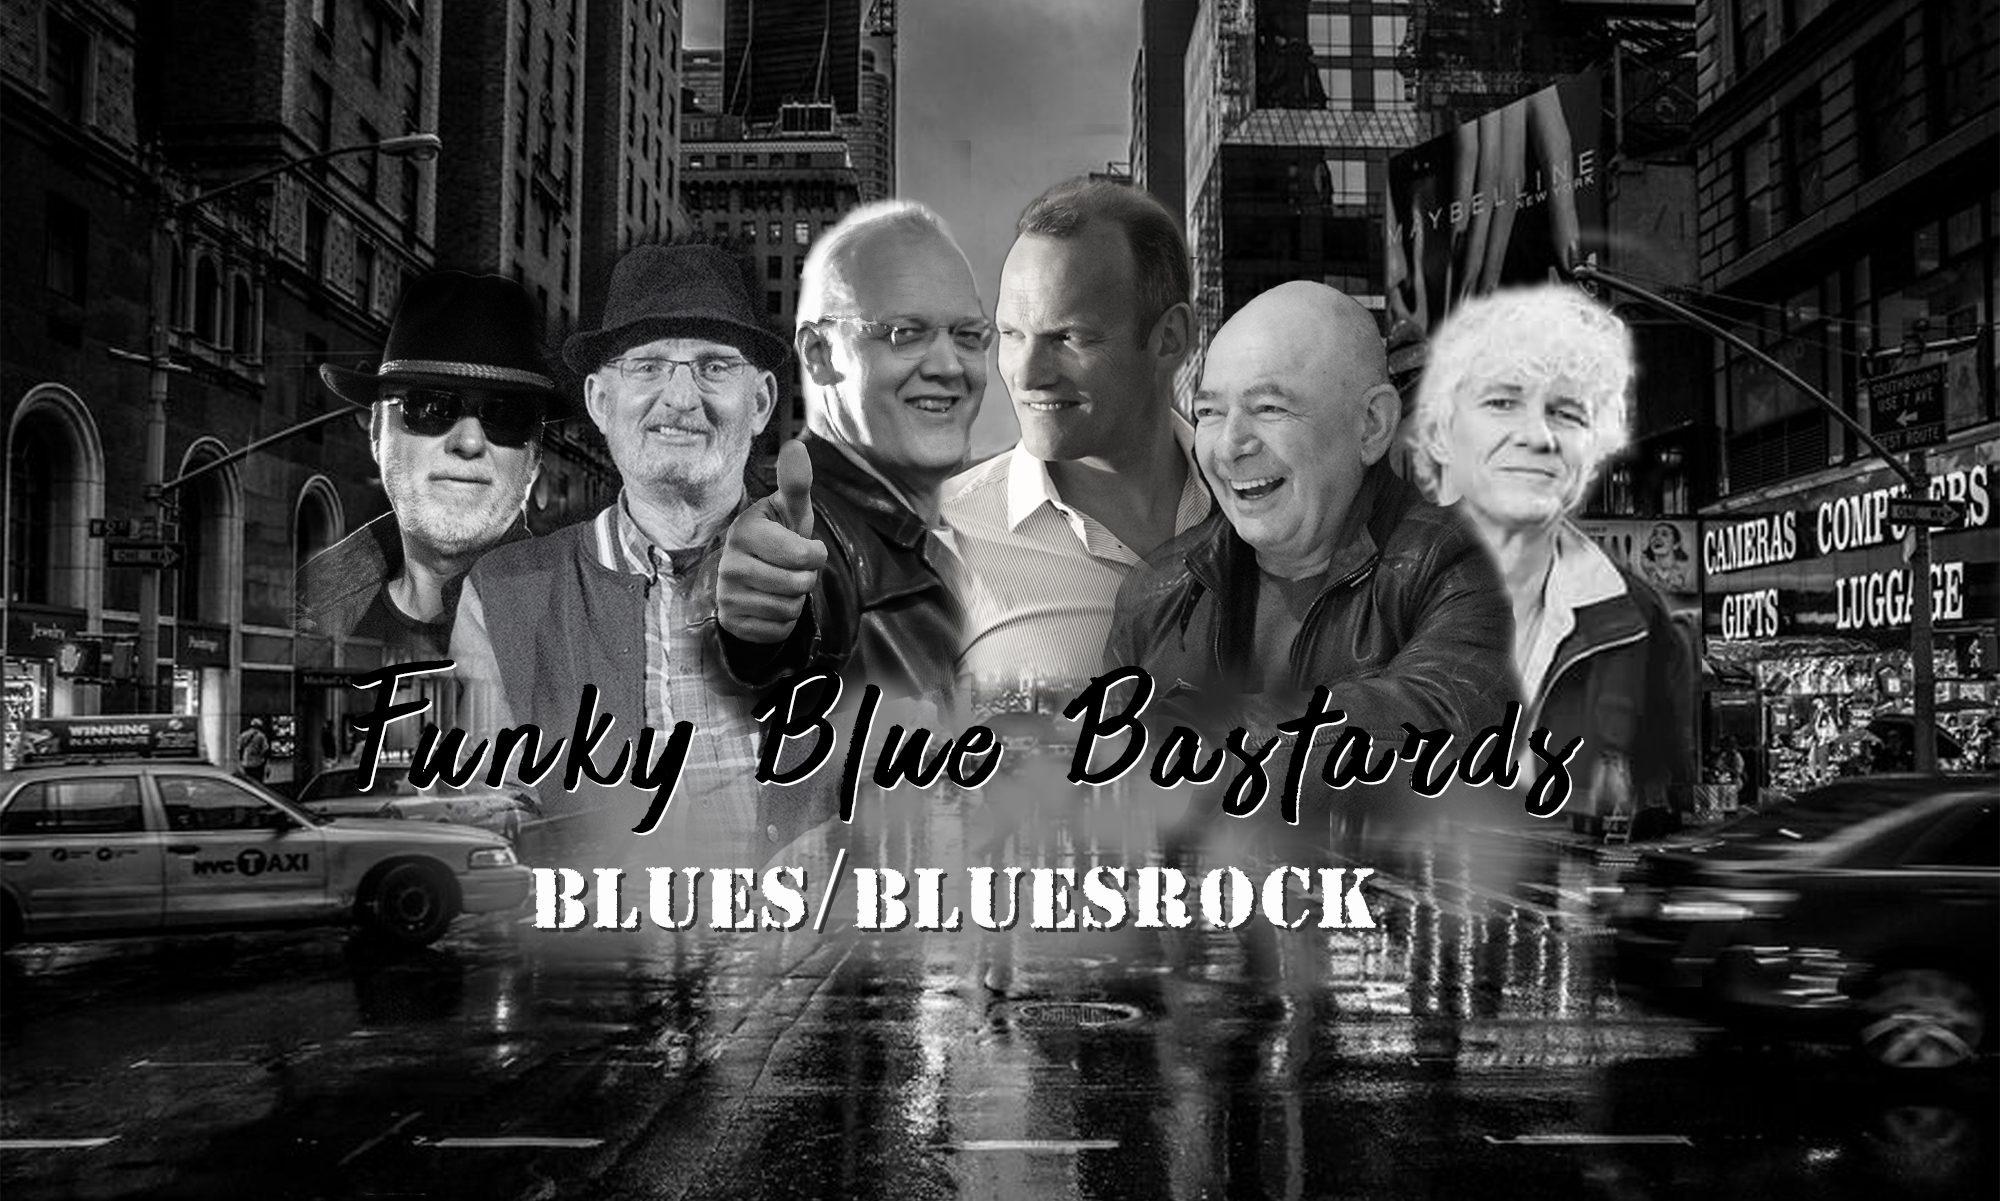 Funky Blue Bastards @ Café de Noot